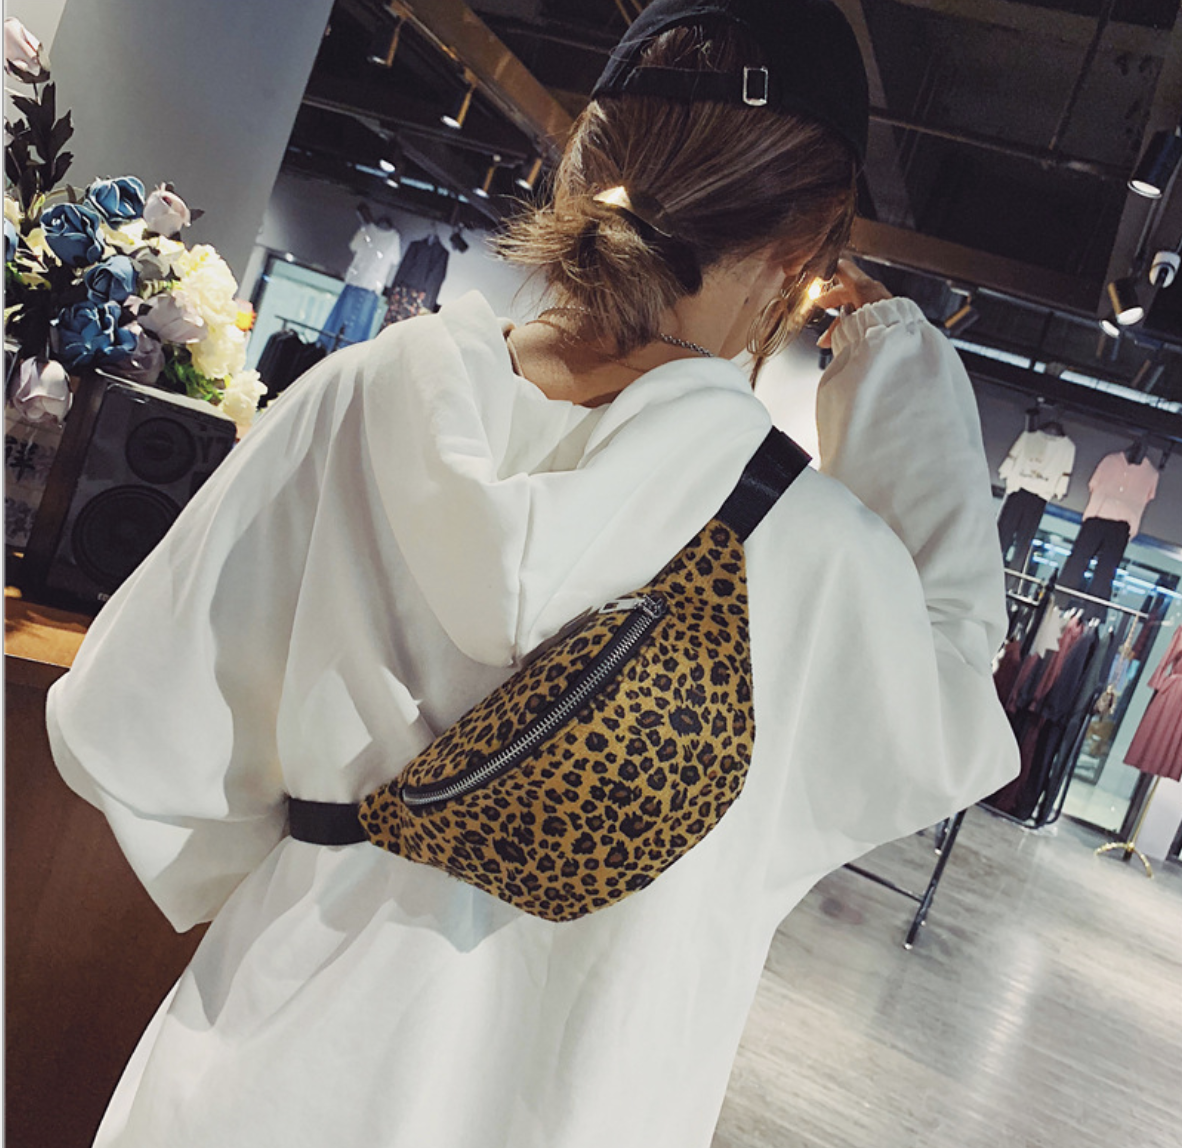 Женская сумка на пояс через плечо поясная бананка crossbody кросс боди барсетка леопард